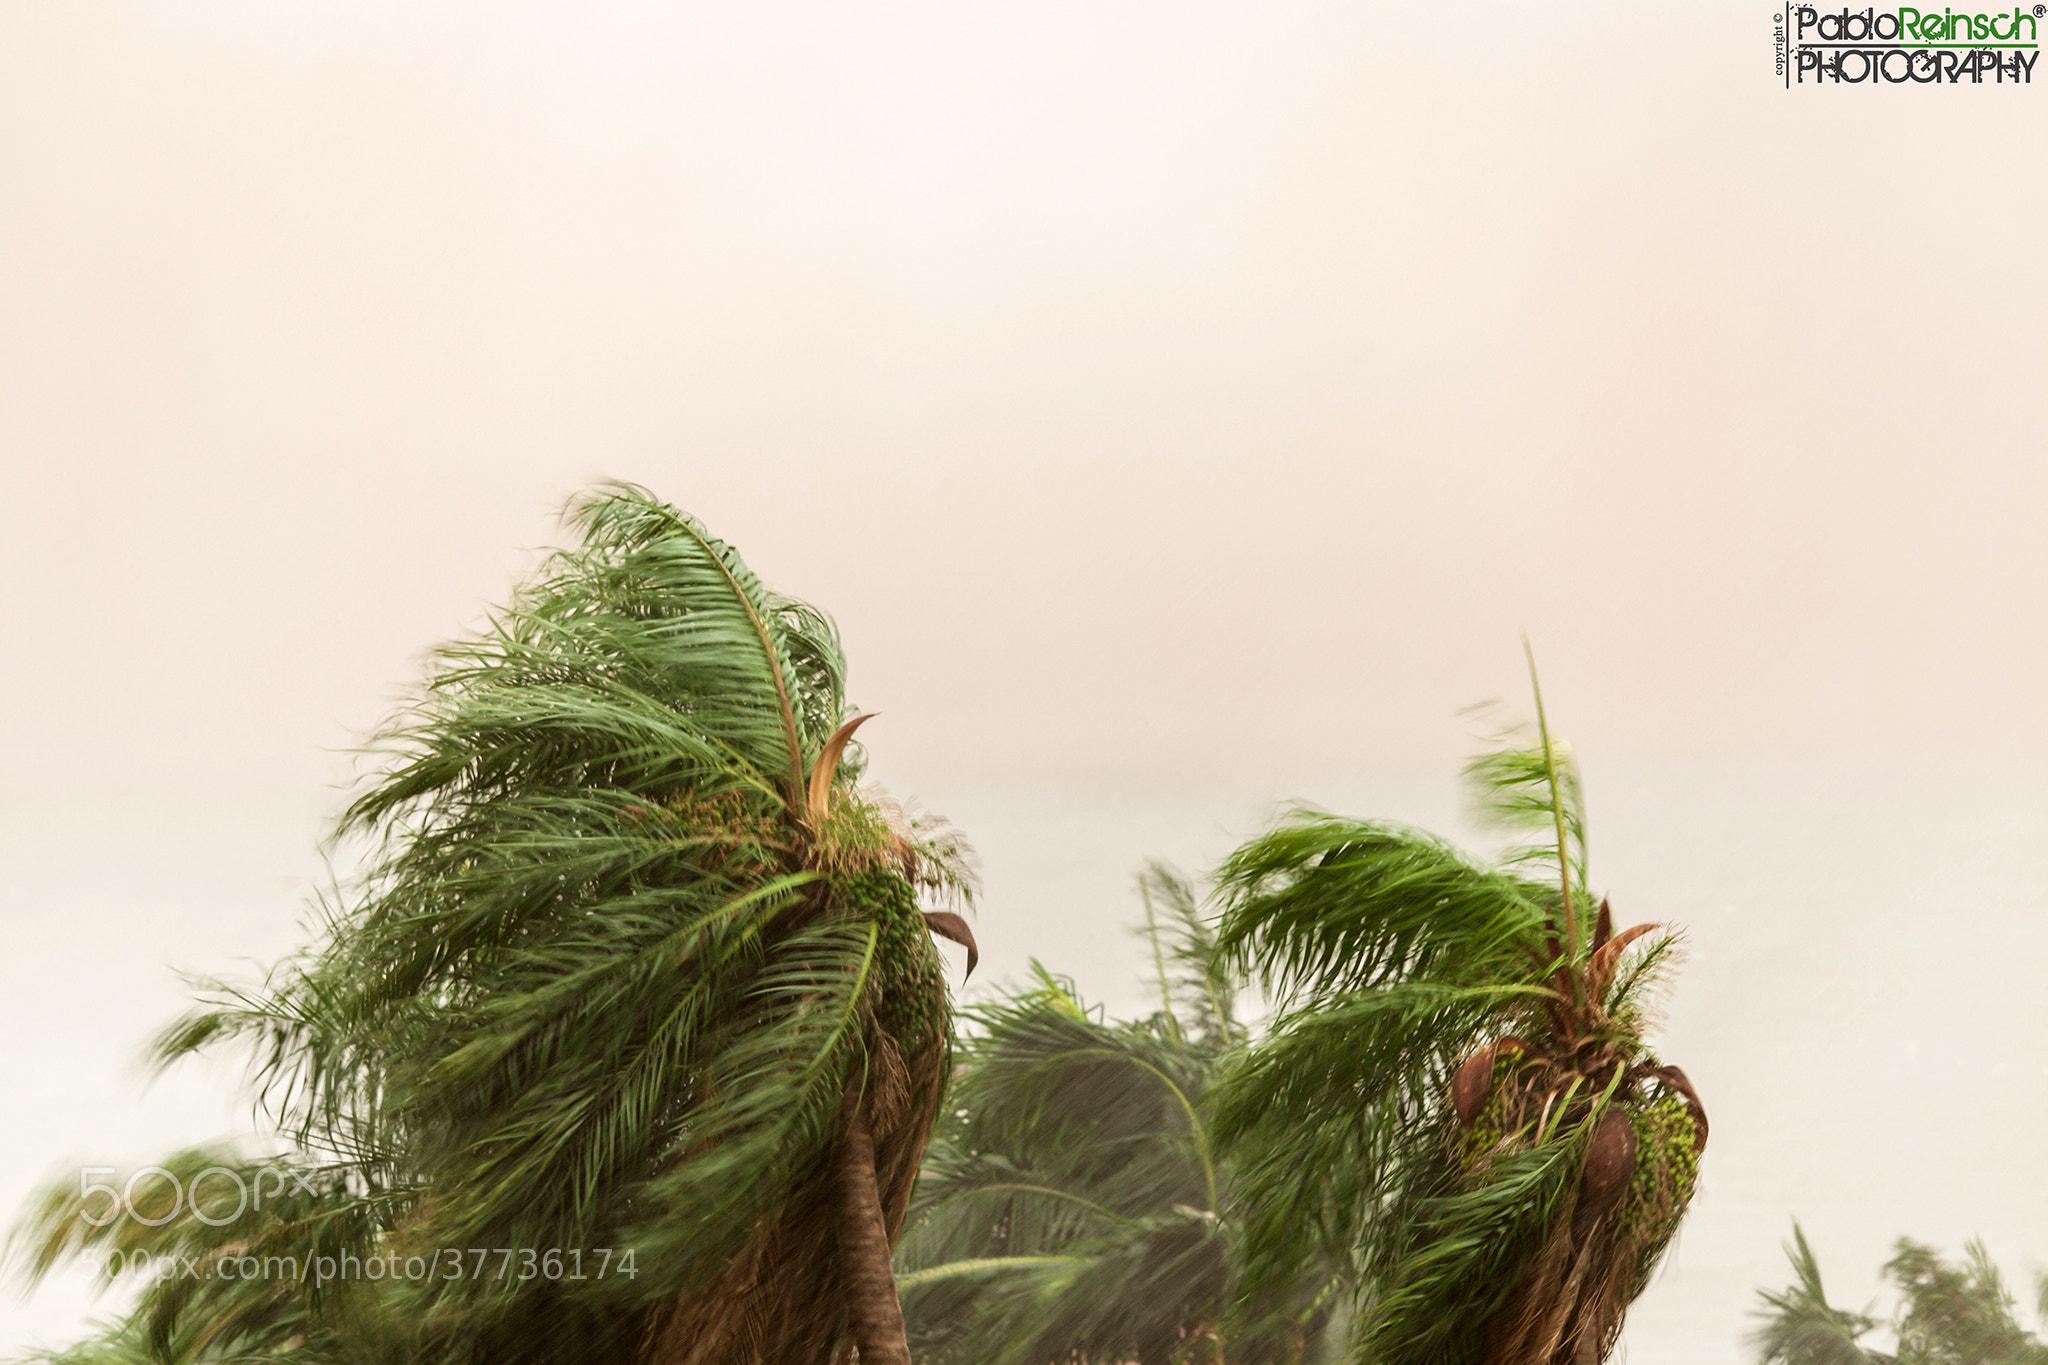 Photograph Azotadas por el viento.- by Pablo Reinsch on 500px